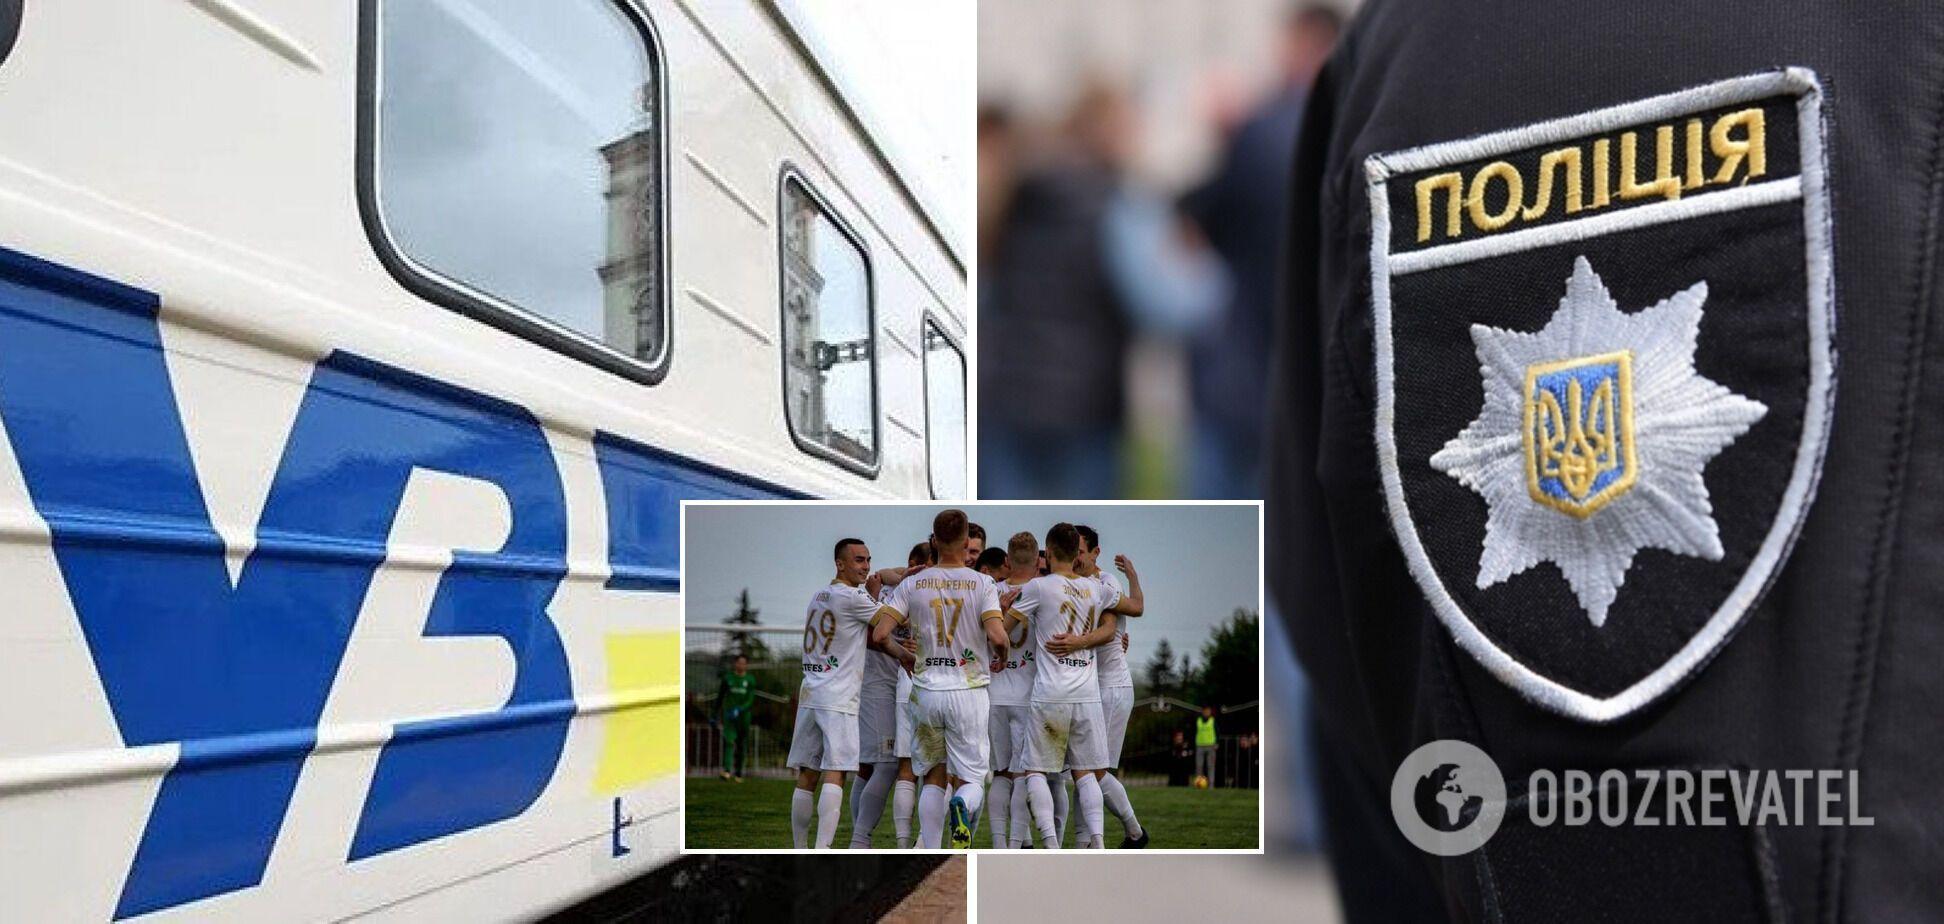 Футболісти київського 'Колоса' влаштували дебош у поїзді: подробиці від постраждалої